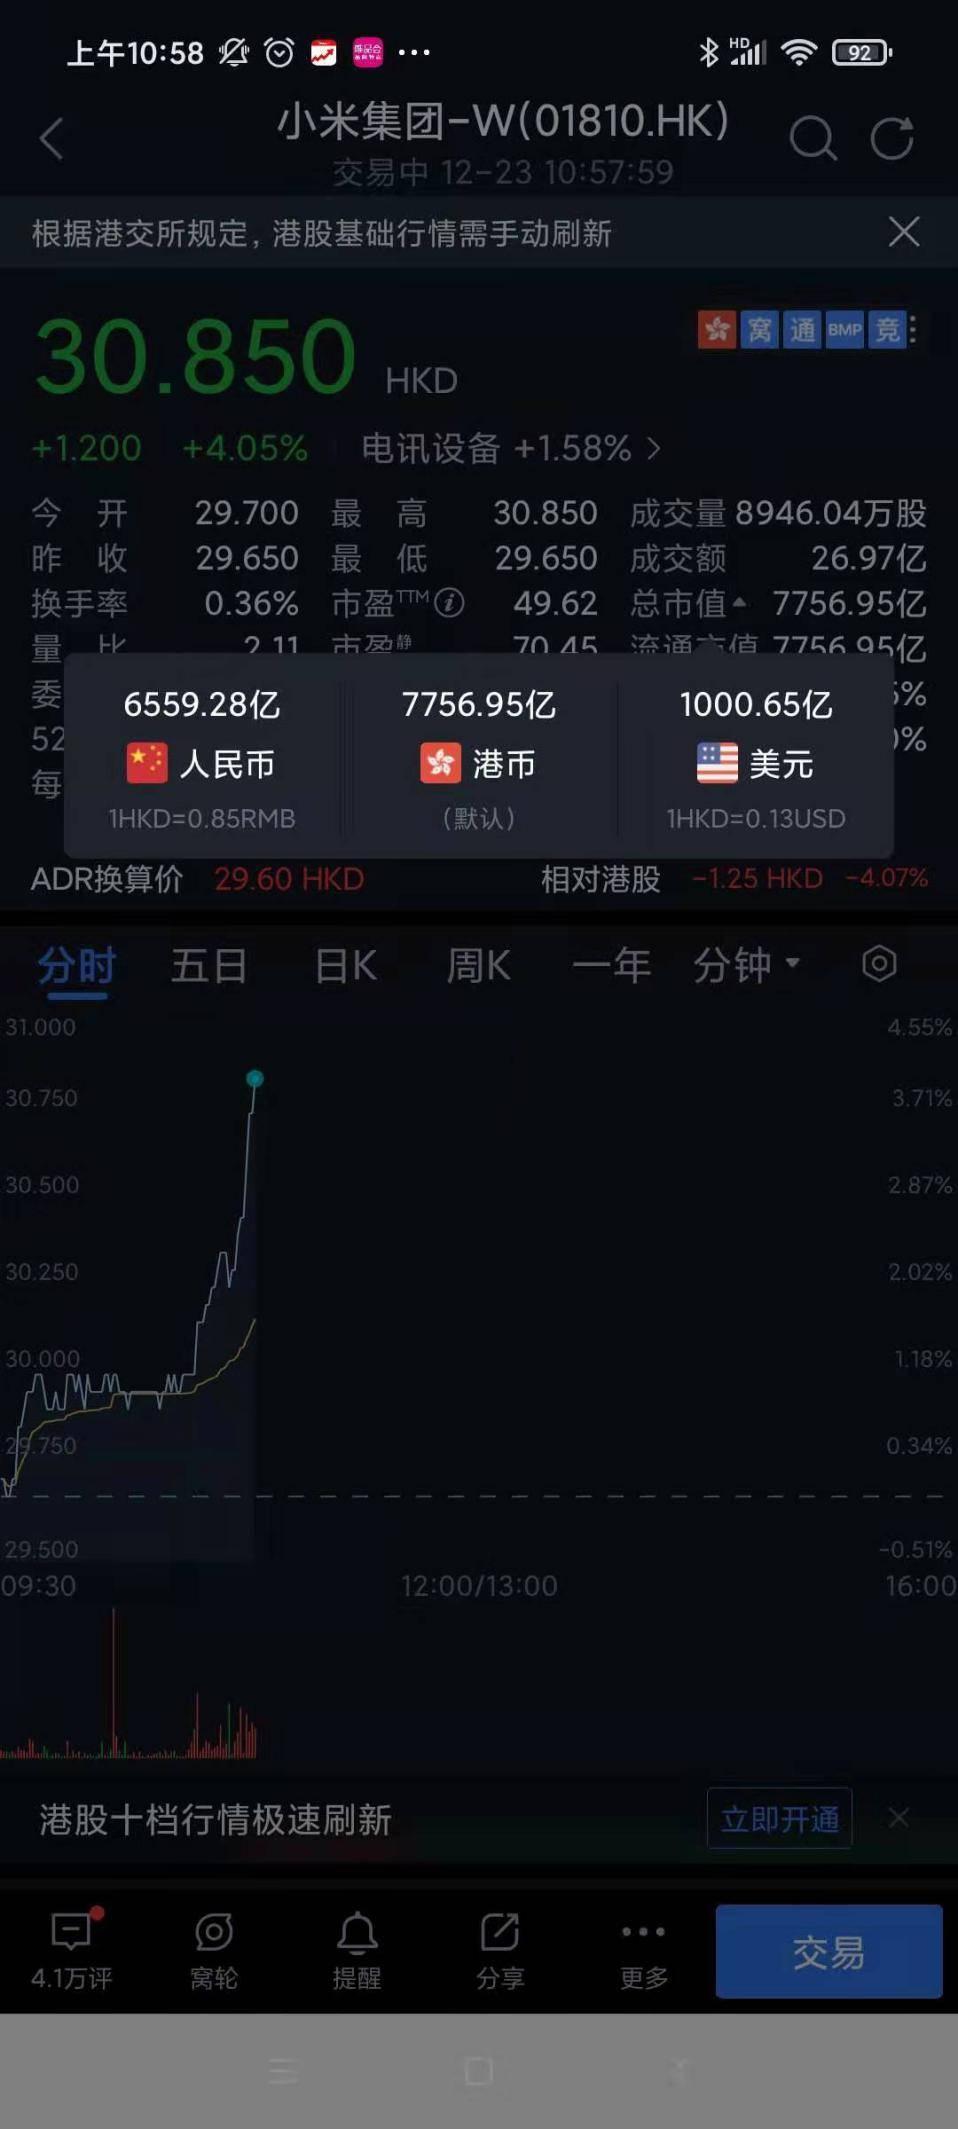 小米市值再创新高,突破千亿美元-第1张图片-IT新视野